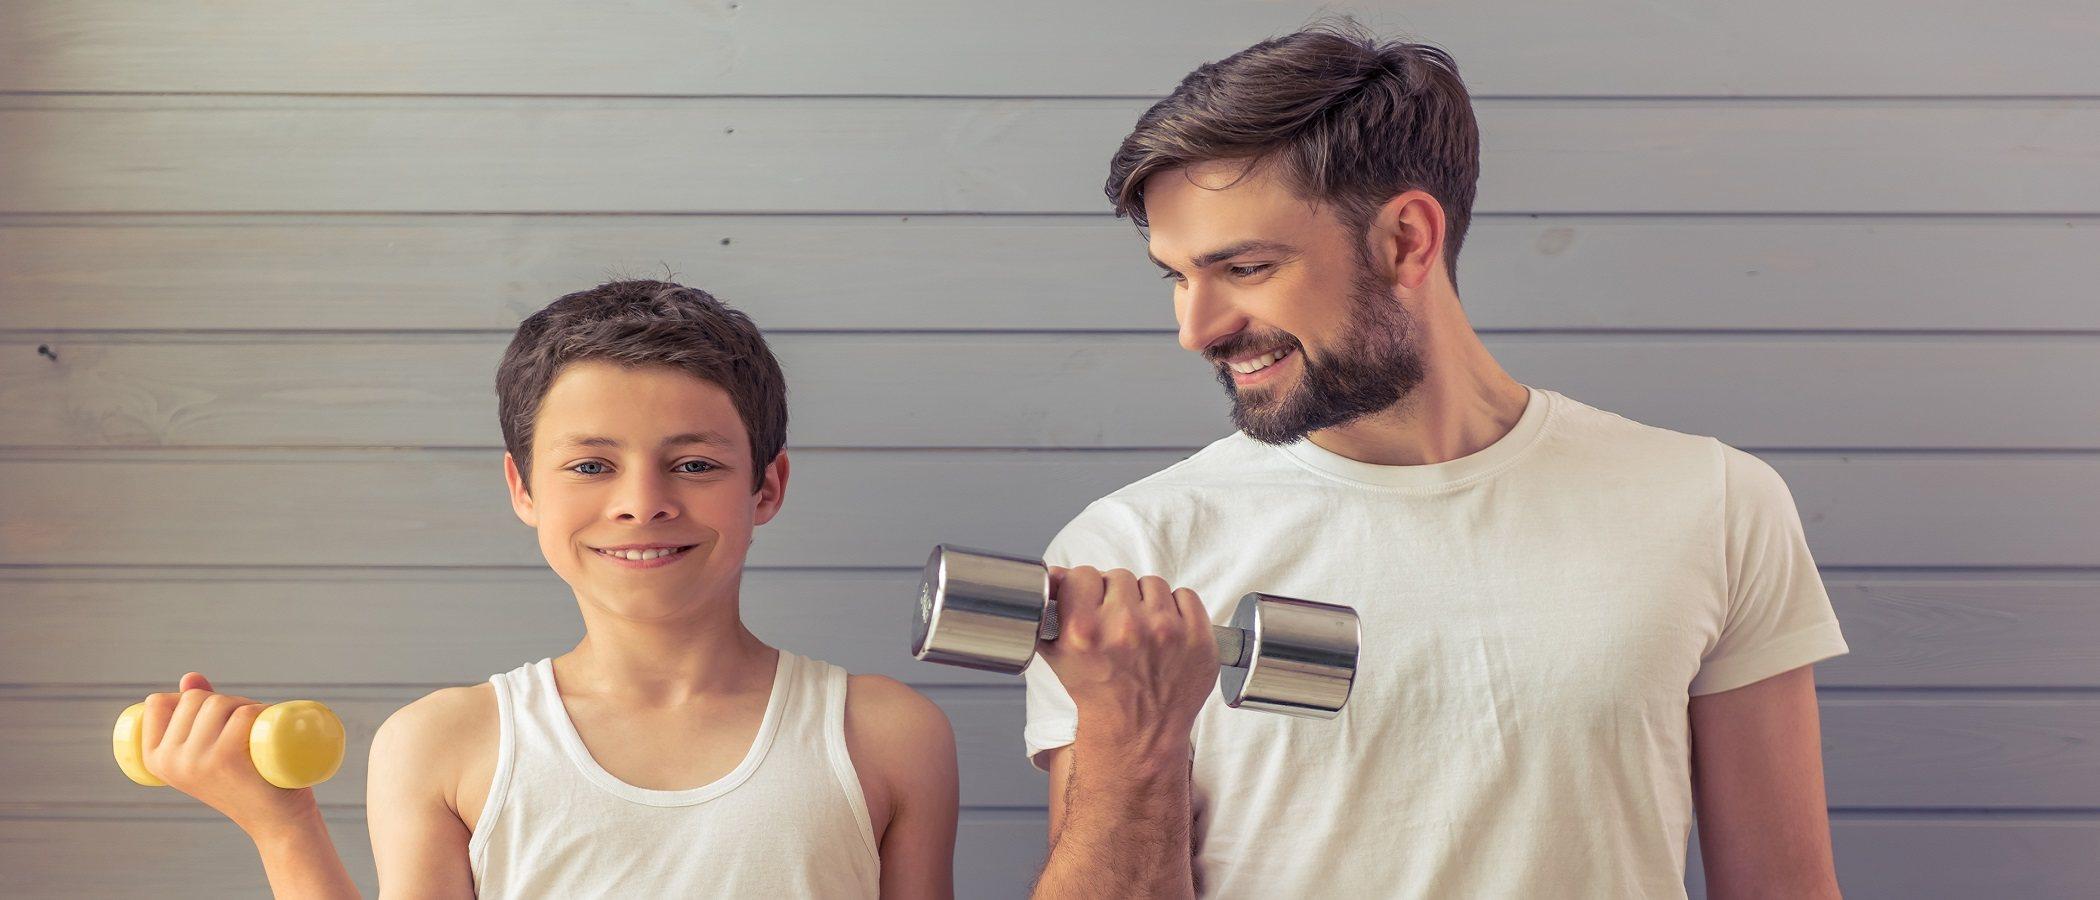 Efectos negativos de obligar a los niños a hacer deporte